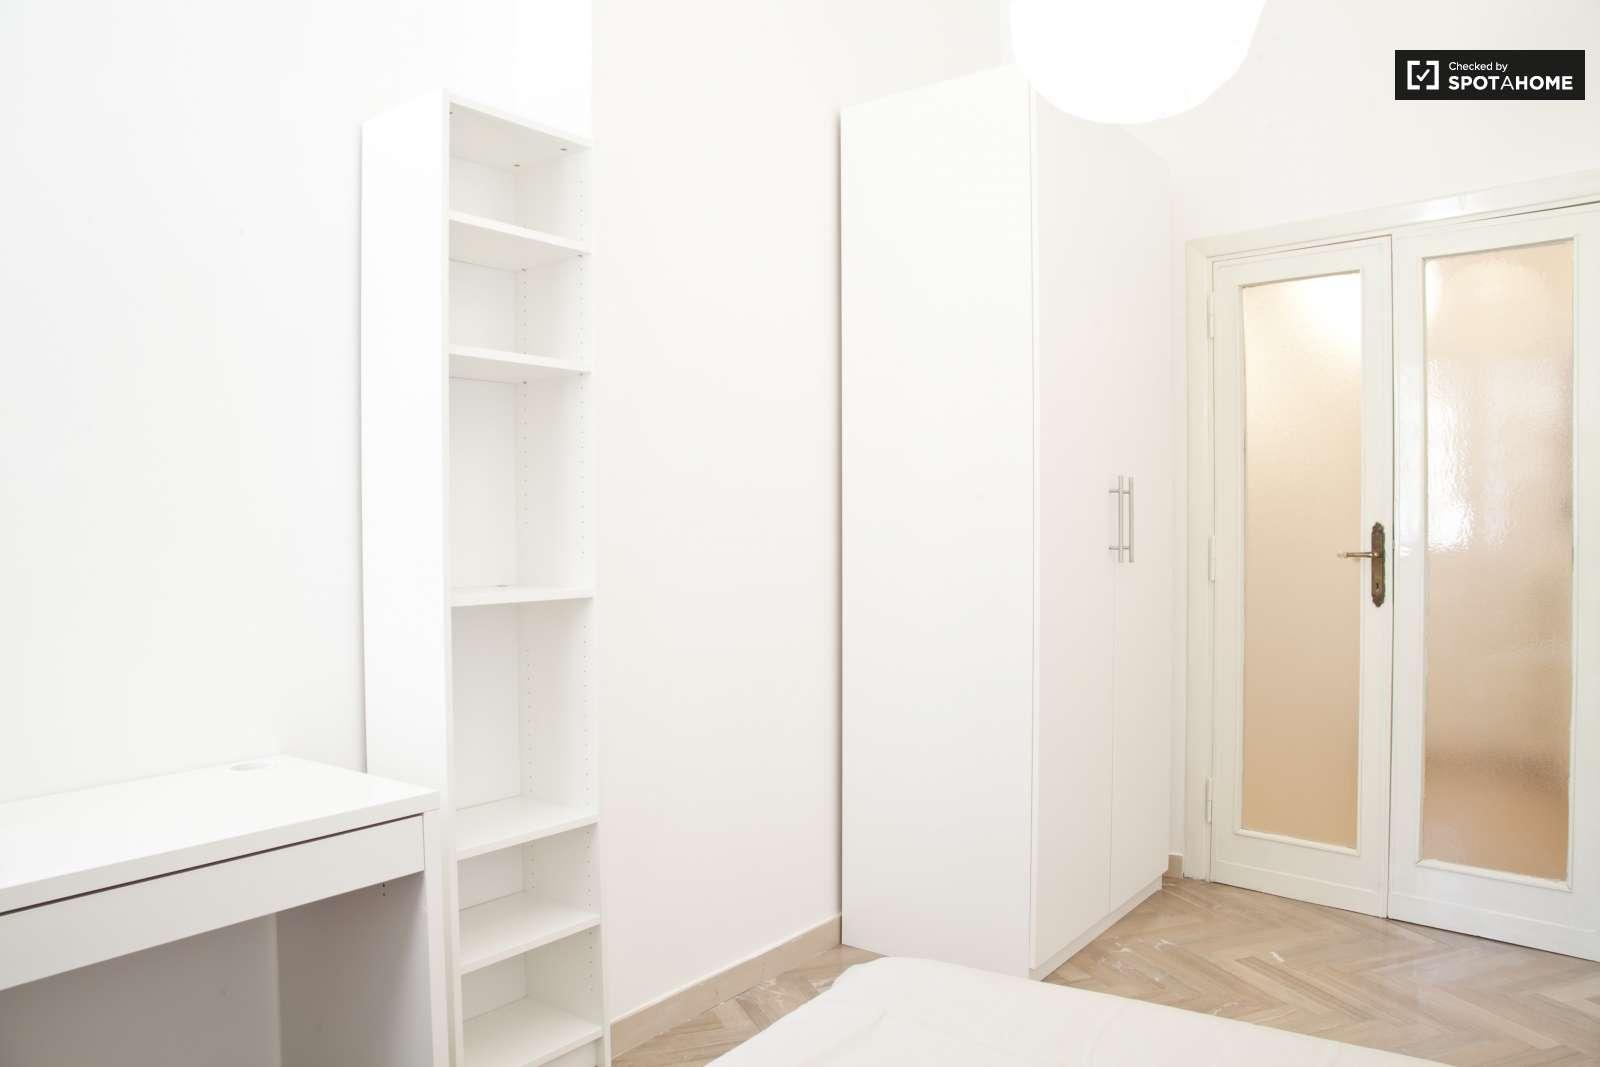 Stanza arredata in appartamento a san paolo roma ref 124946 spotahome - Posso andare in bagno in inglese ...